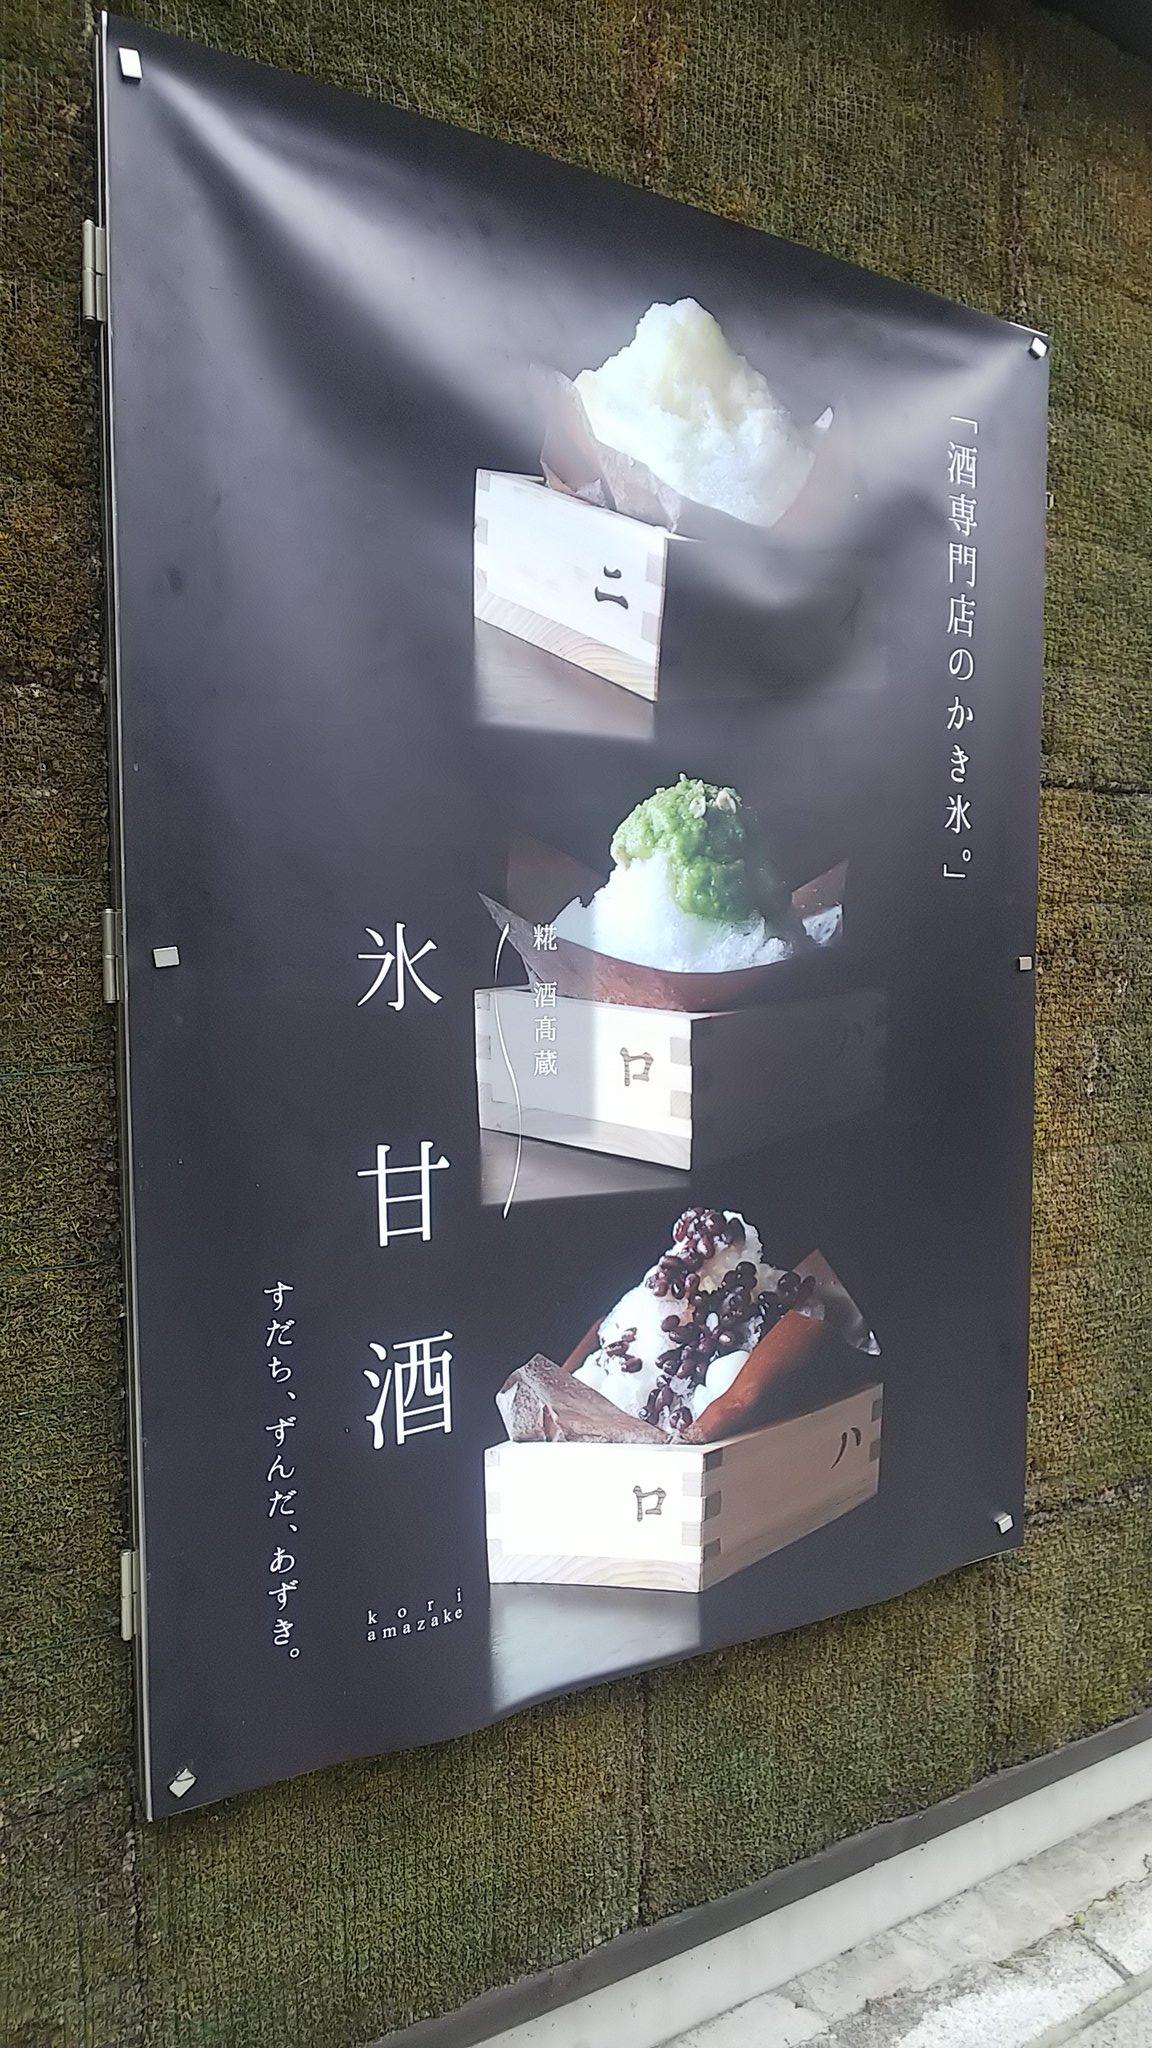 ちょっと聞いてくださいよ!大阪天満宮駅でこんなお店見つけたんですよ!酒専門店のかき氷ですよ! 甘酒シロップを使ったかき氷(600円+税〜)で、なんと150円+税で〆酒まで付けれる! 〆酒ってのは、かき氷とシロップとお酒(日本酒or果実酒orノンアル梅酒)を別の器で混ぜるカクテル。めちゃうまい!